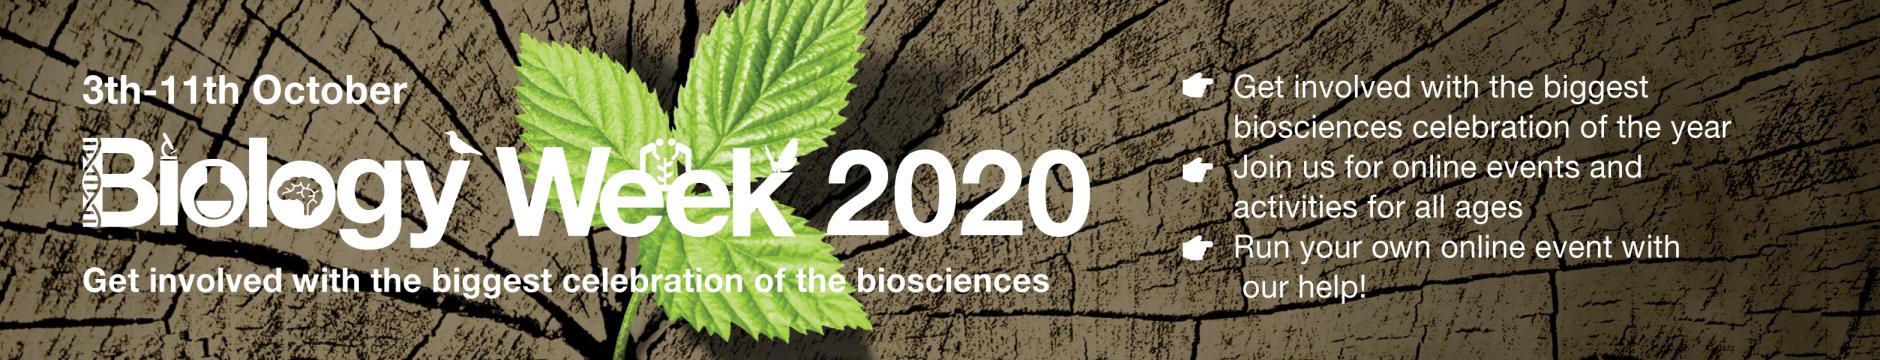 Biology Week 2020